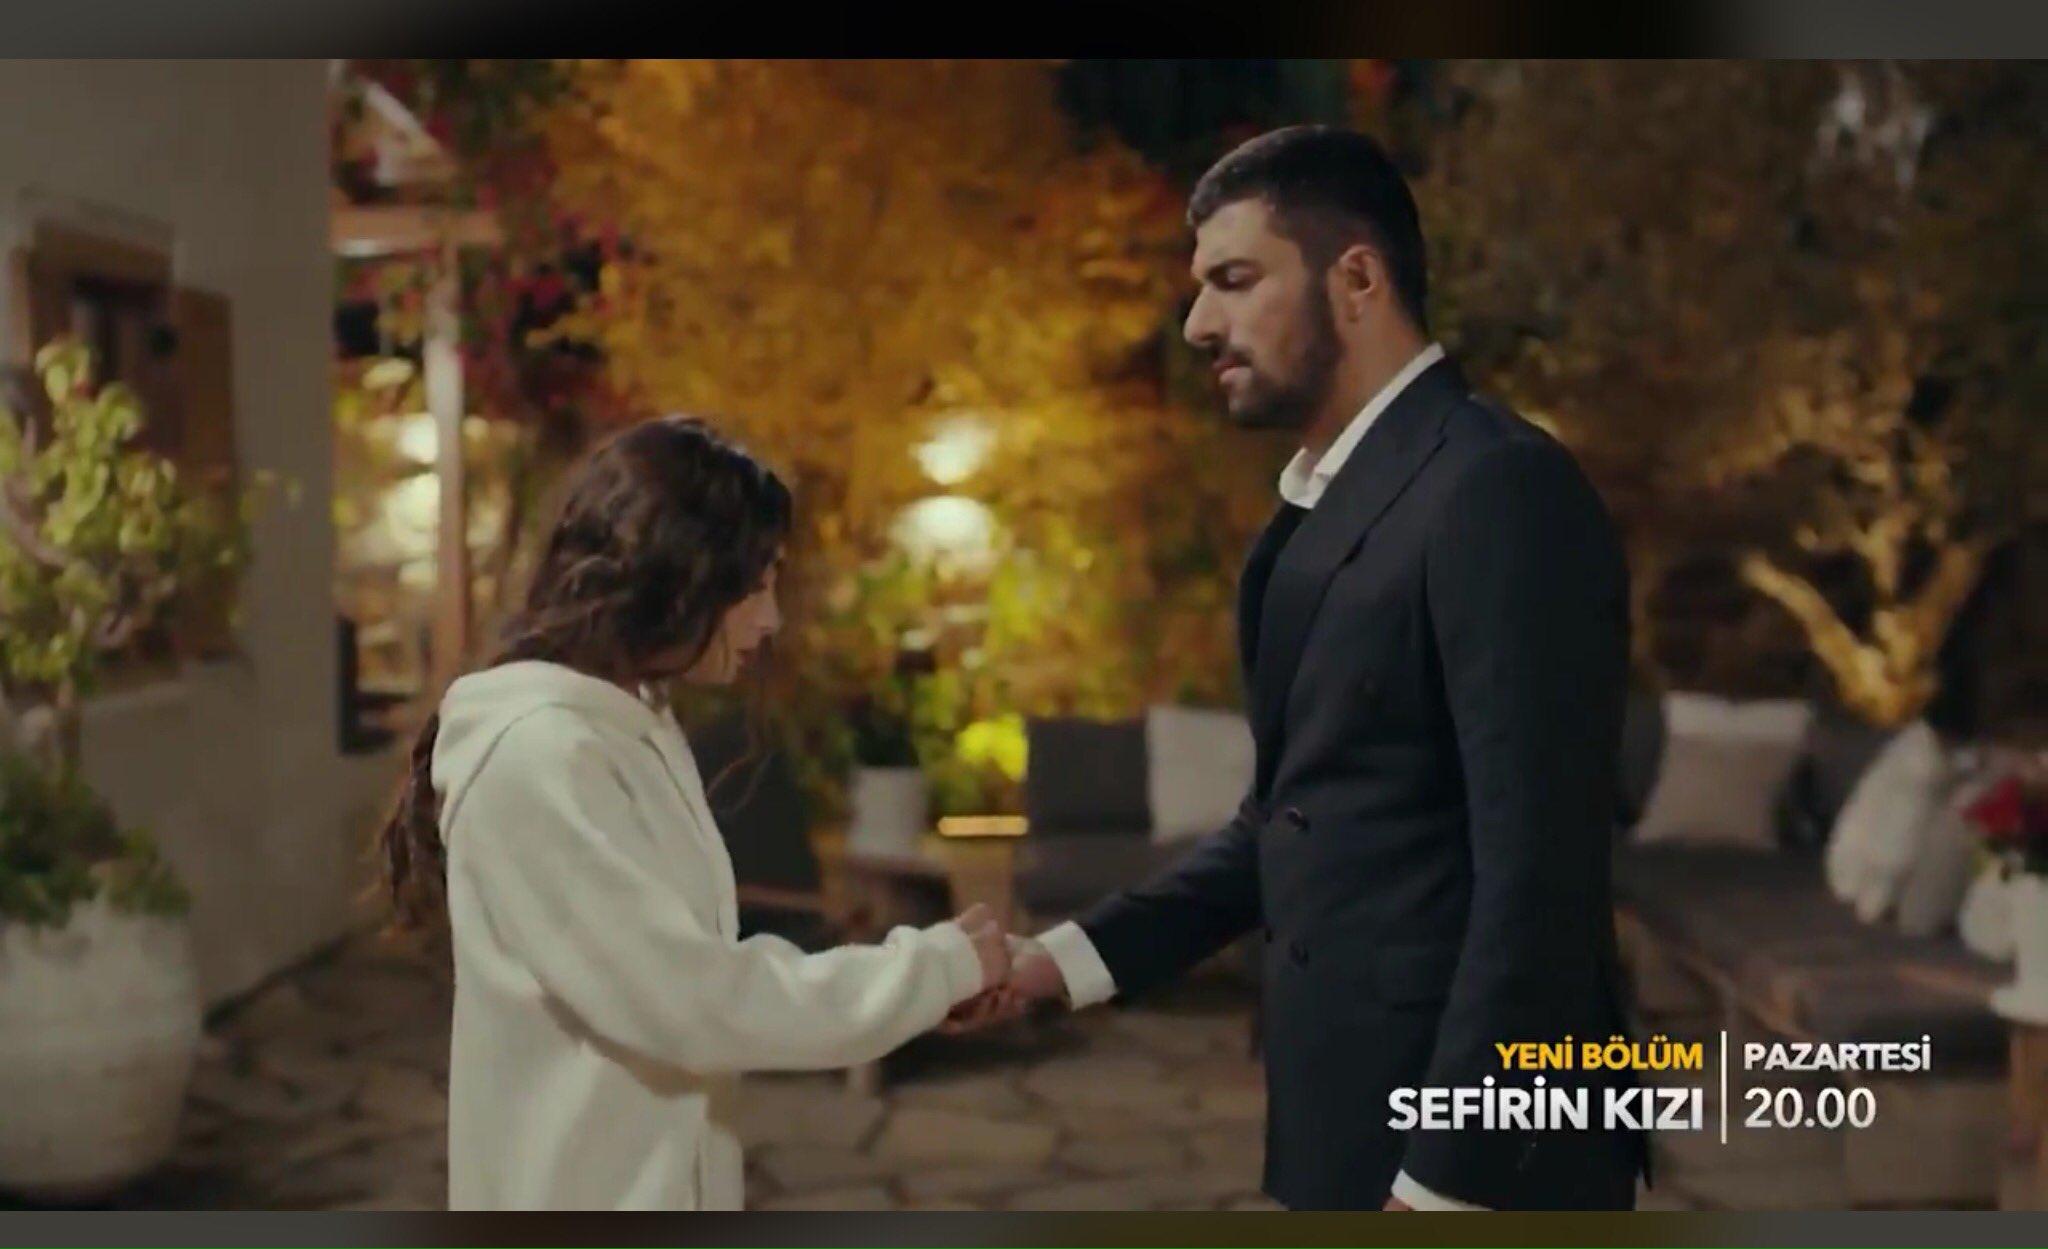 Il y avait une telle scène dans la série télévisée «SefirinKizi» qu'il n'y avait pas besoin de mots!